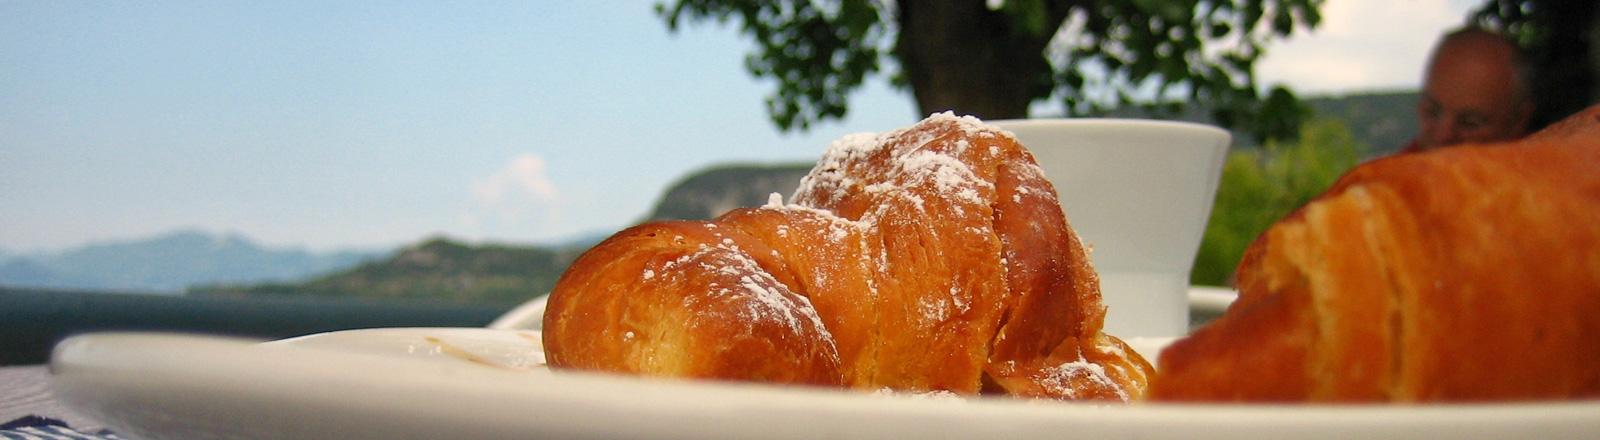 Auf einem Teller liegen Croissants. Dahinter steht eine Kaffeetasse. Dahinter sind Berge zu sehen. Blauer Himmel.